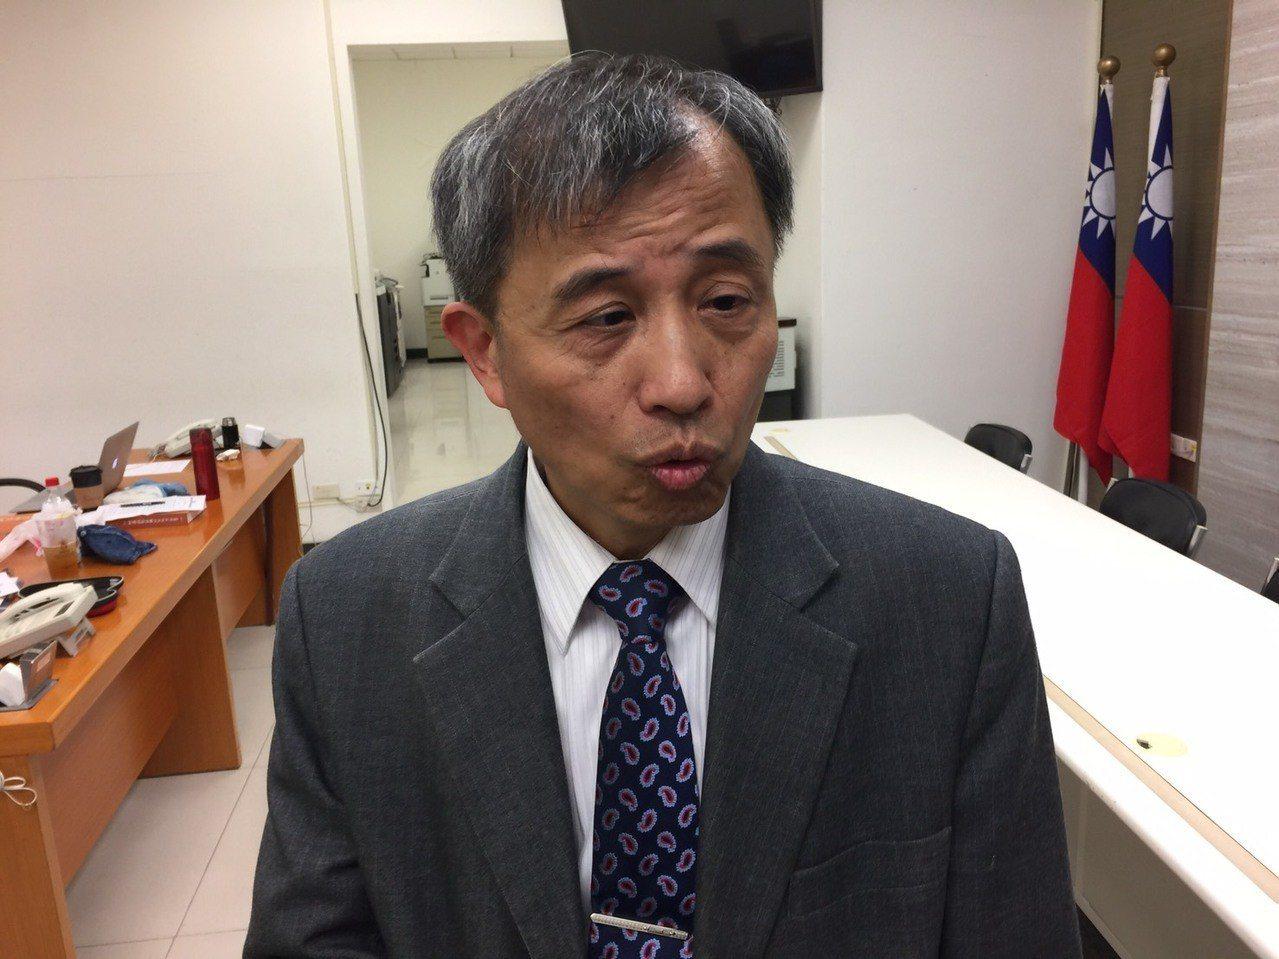 衛福部中醫藥司司長黃怡超今表示,未來將朝向不修法,但持續發照的方式,幫助中藥房,...